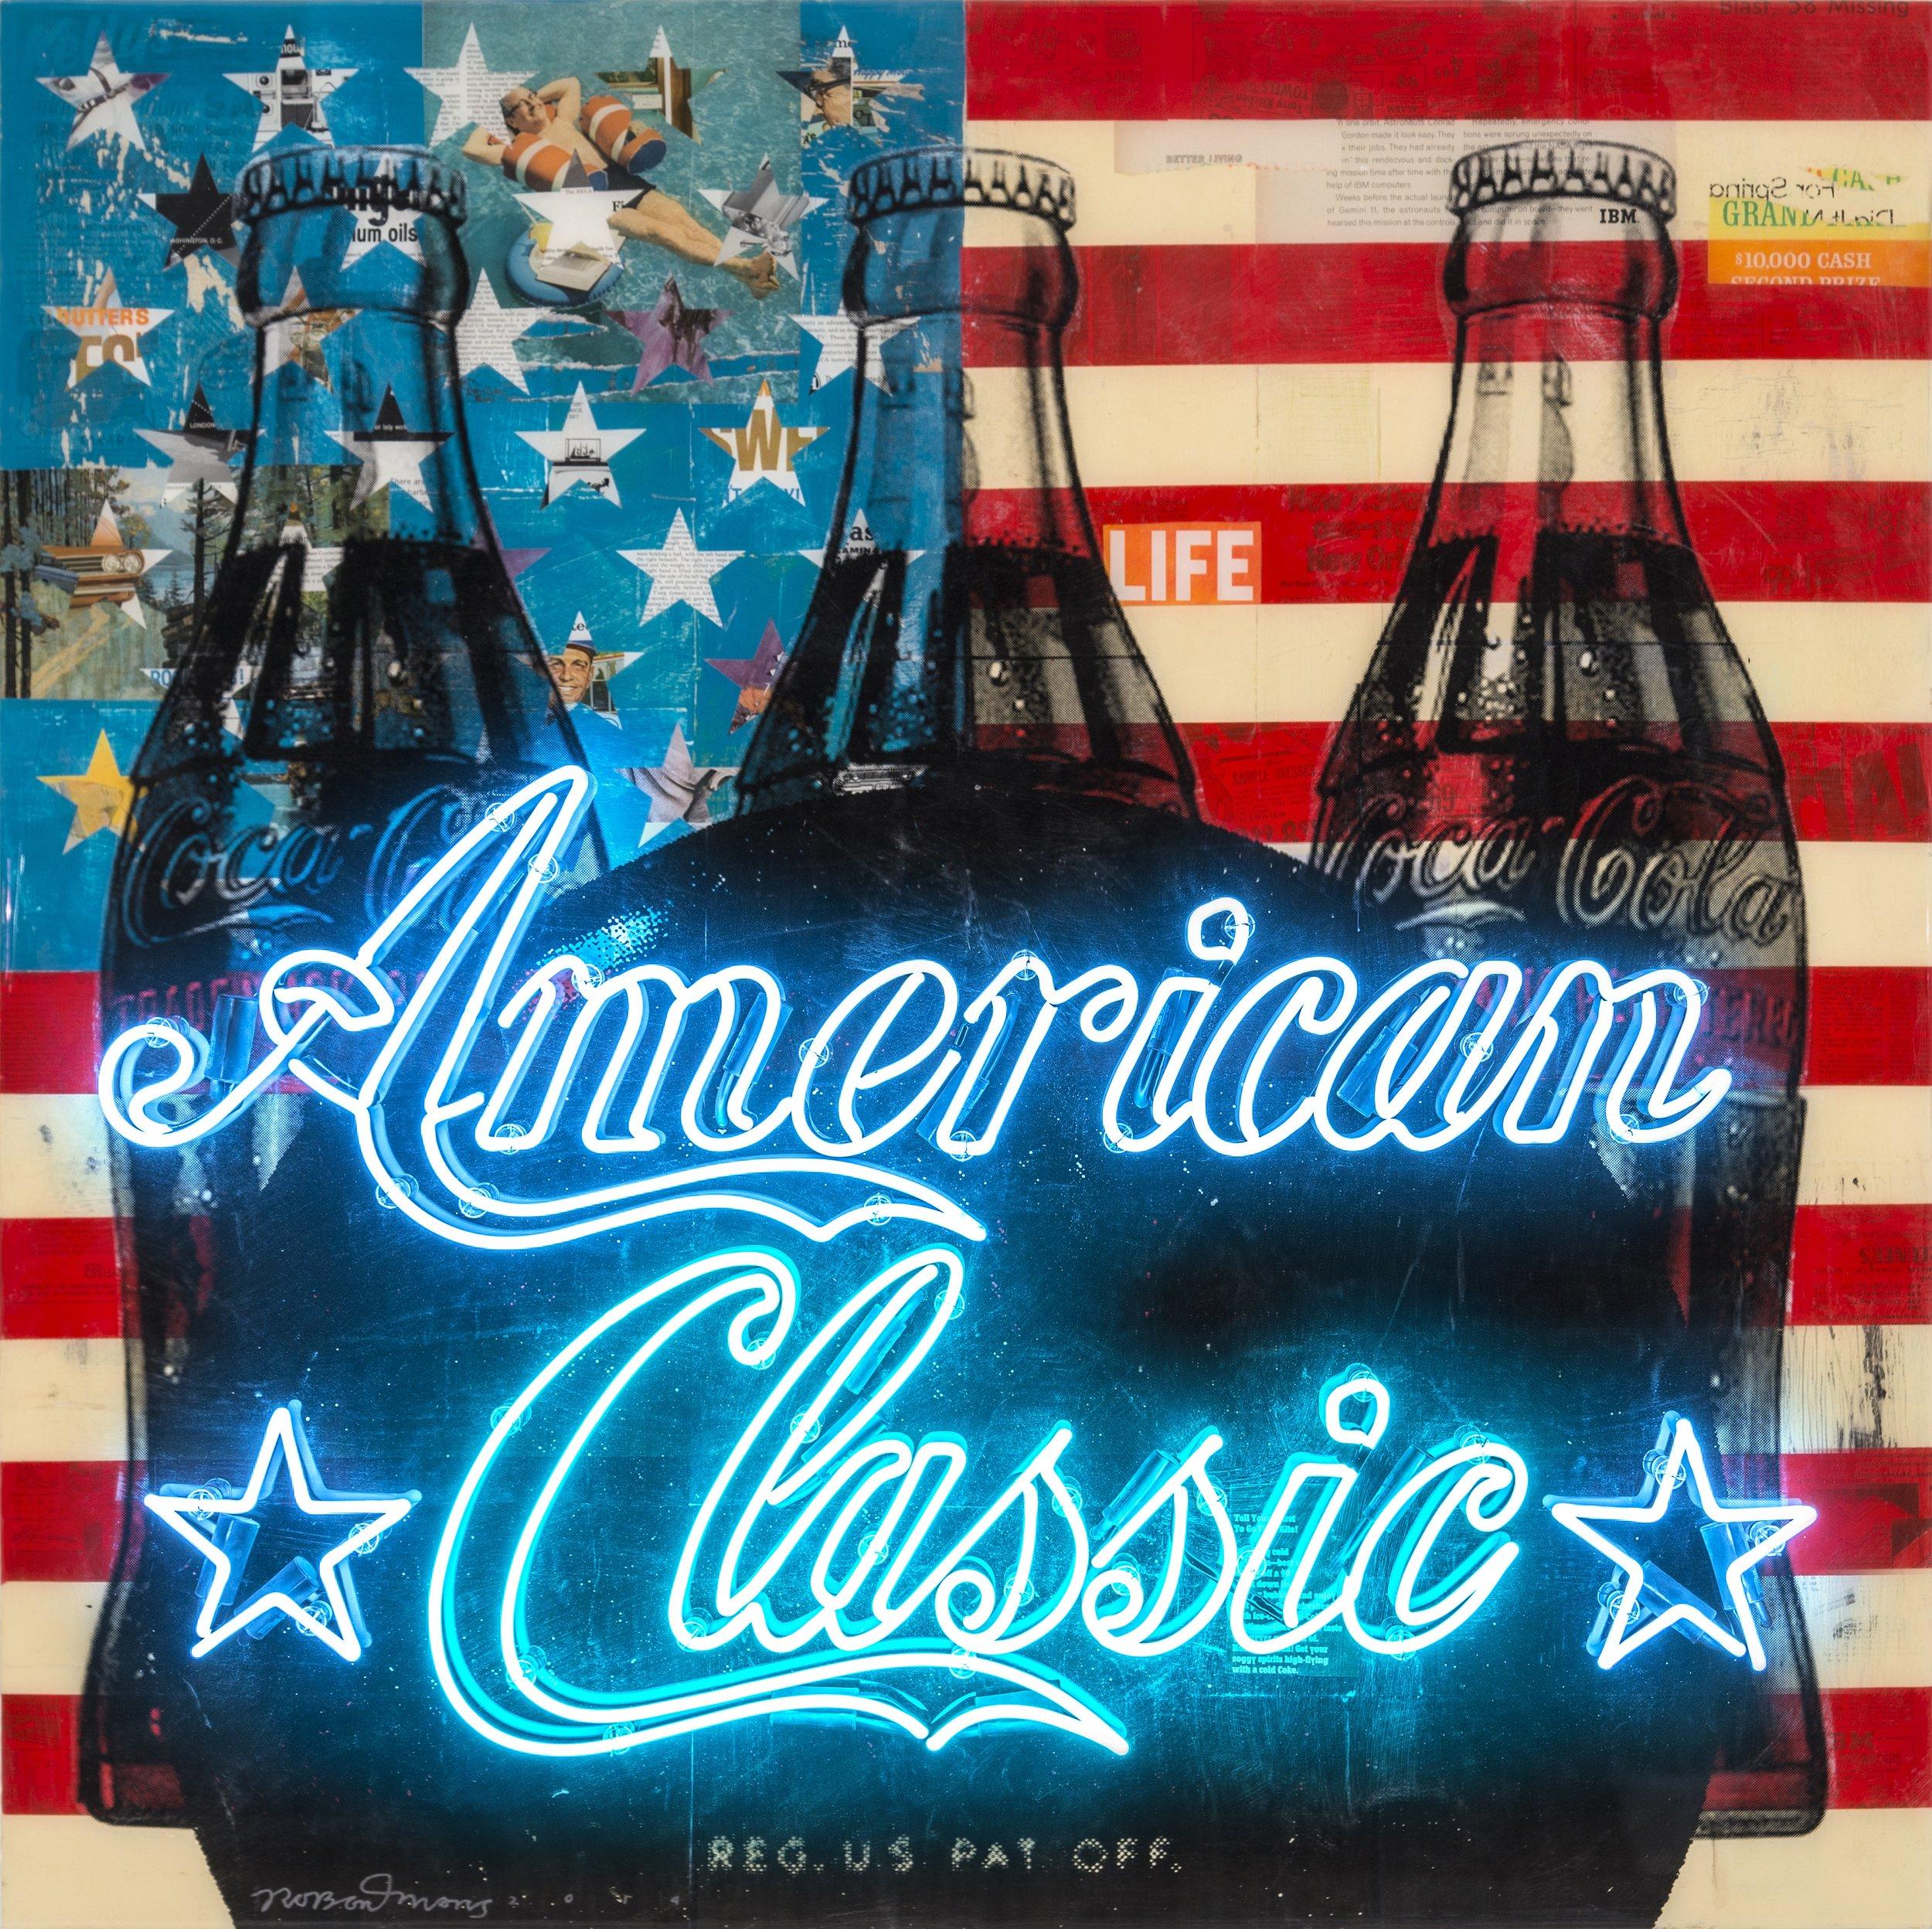 American Classic – Coca Cola